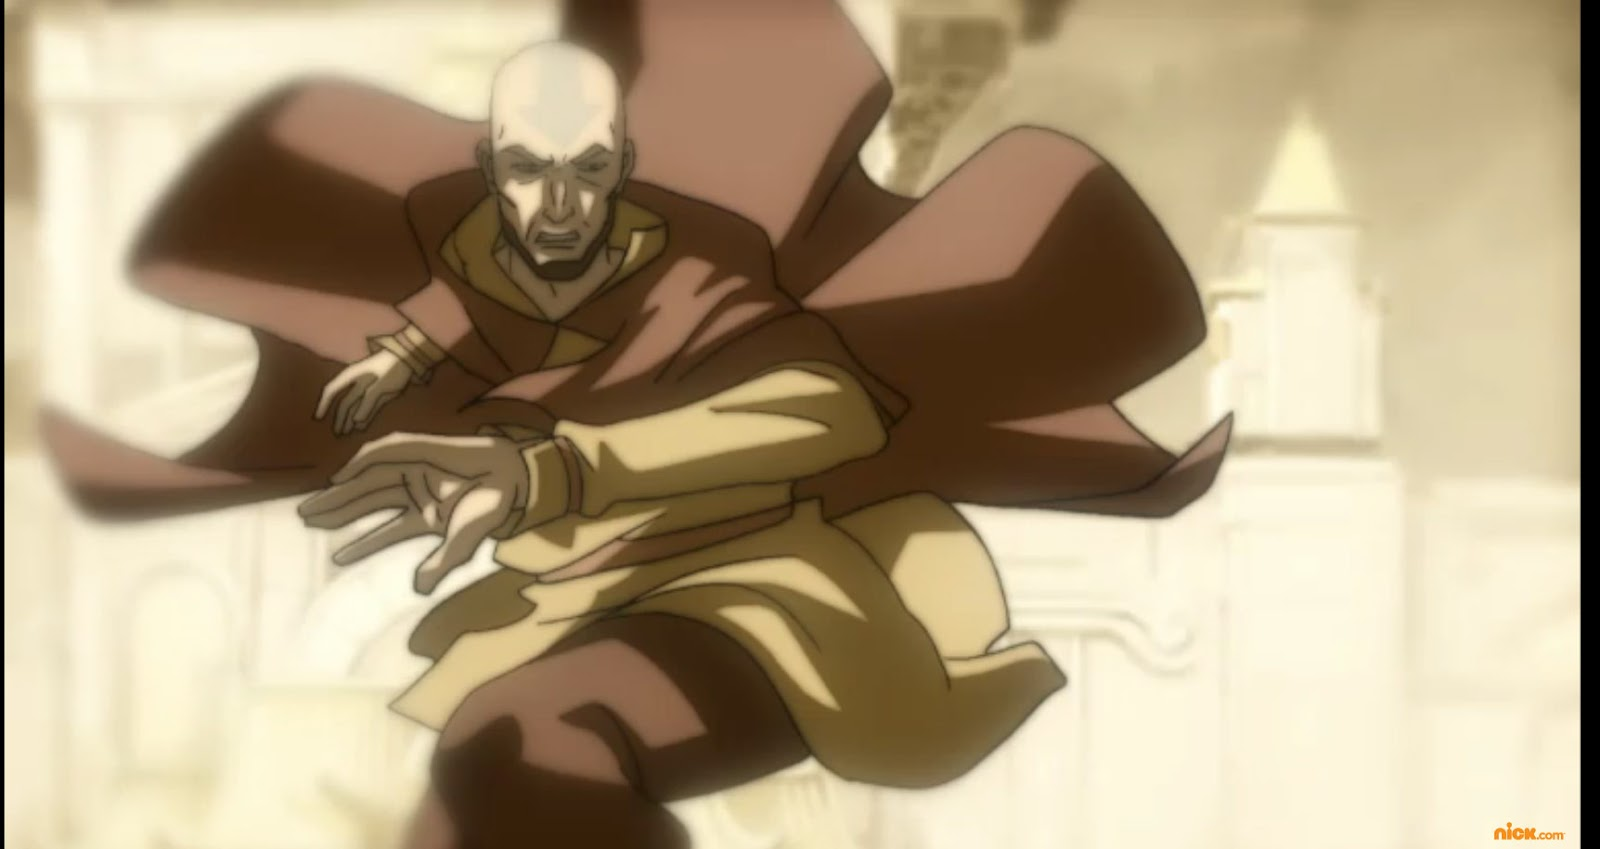 The Blog Of EspanolBot: Legend of Korra: Adult Gaang ...